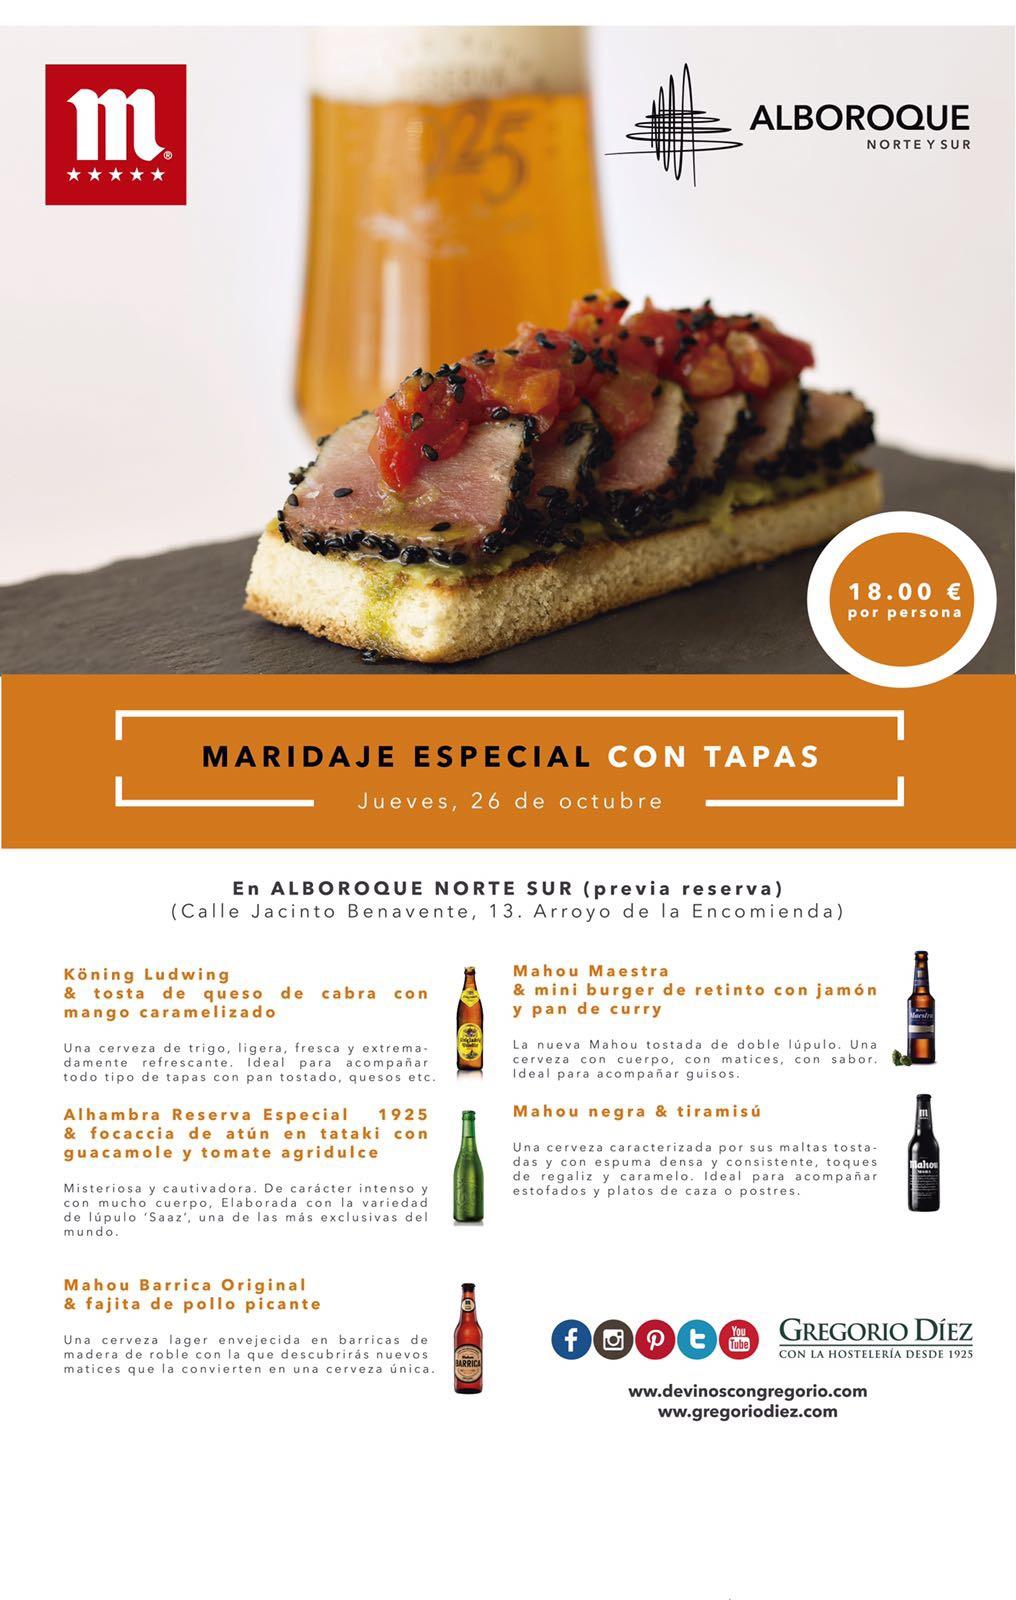 Cata de cervezas en Valladolid, maridaje con tapas en Alboroque Norte y Sur